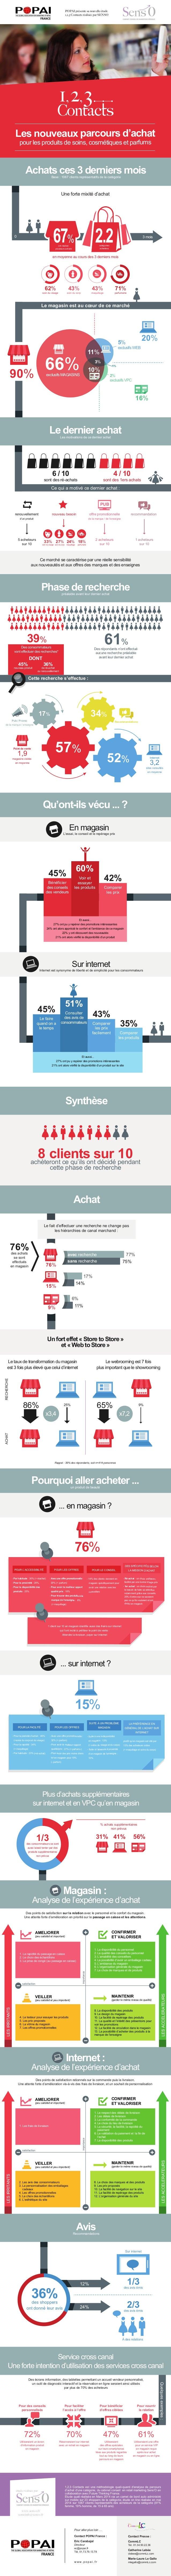 Les nouveaux parcours d'achat  pour les produits de soins, cosmétiques et parfums  Une forte mixité d'achat  67% ont réali...